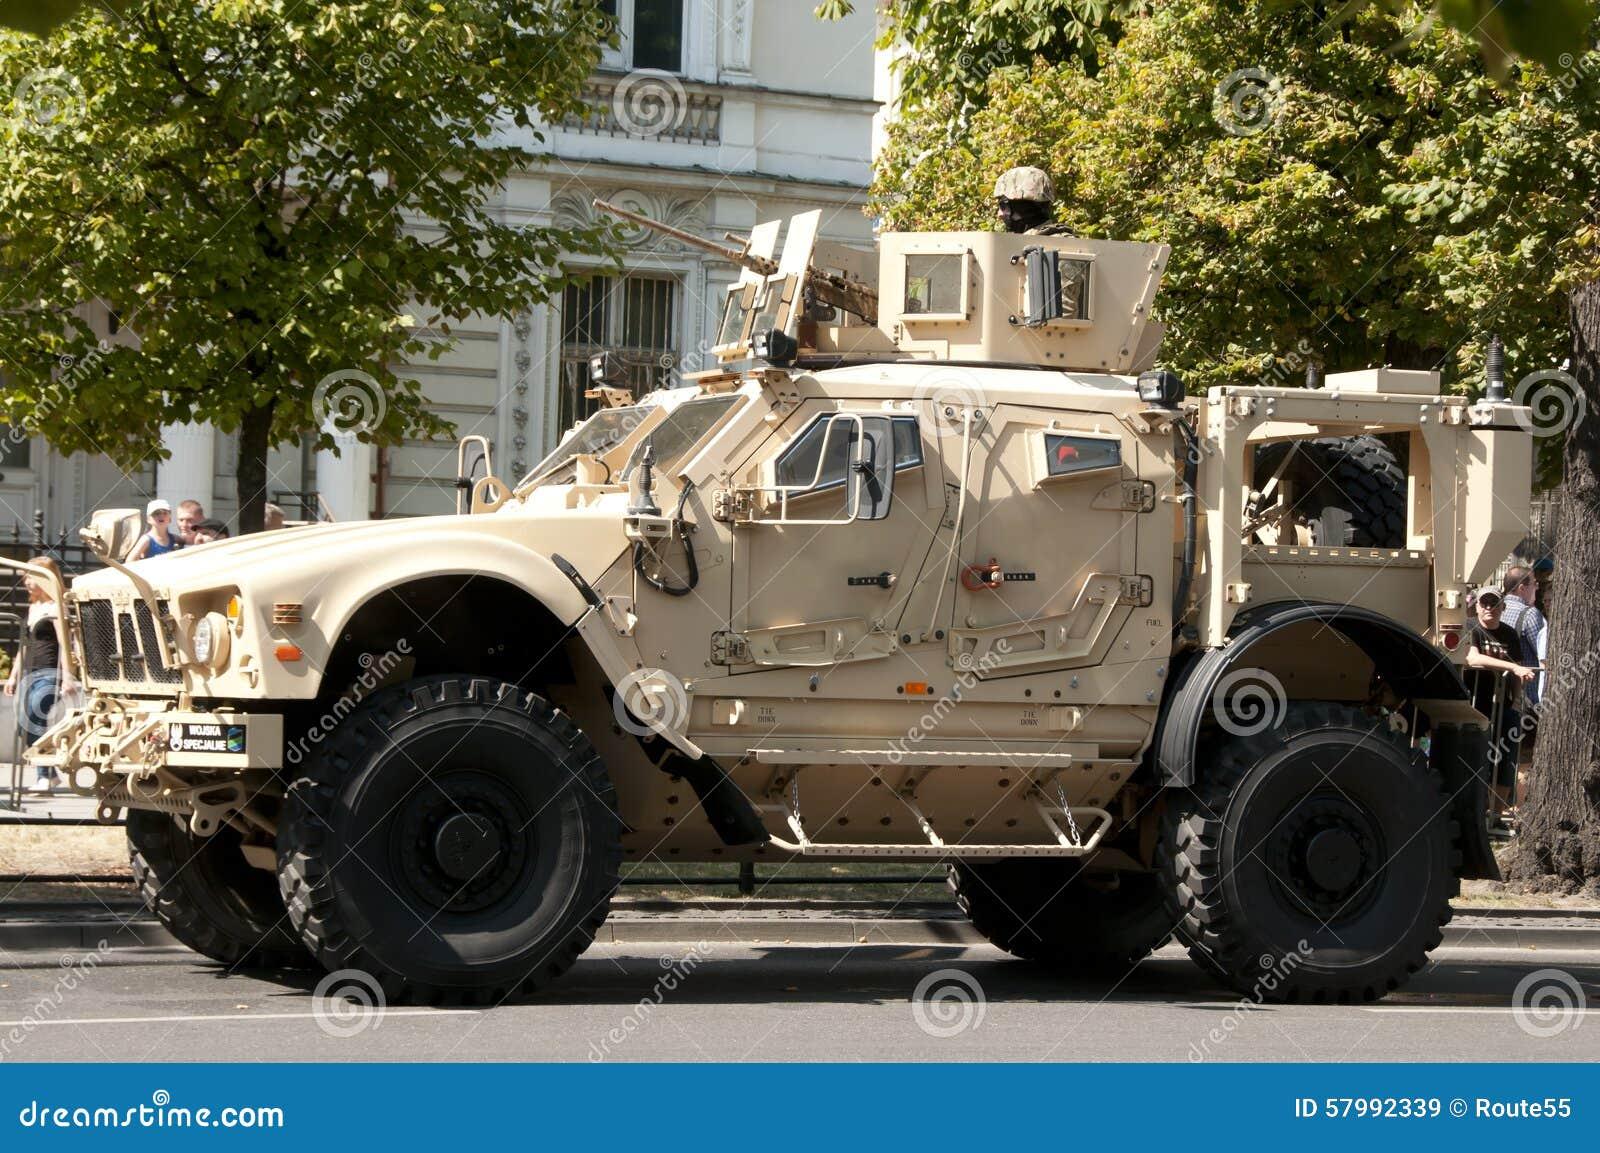 oshkosh-m-atv-august-american-military-v